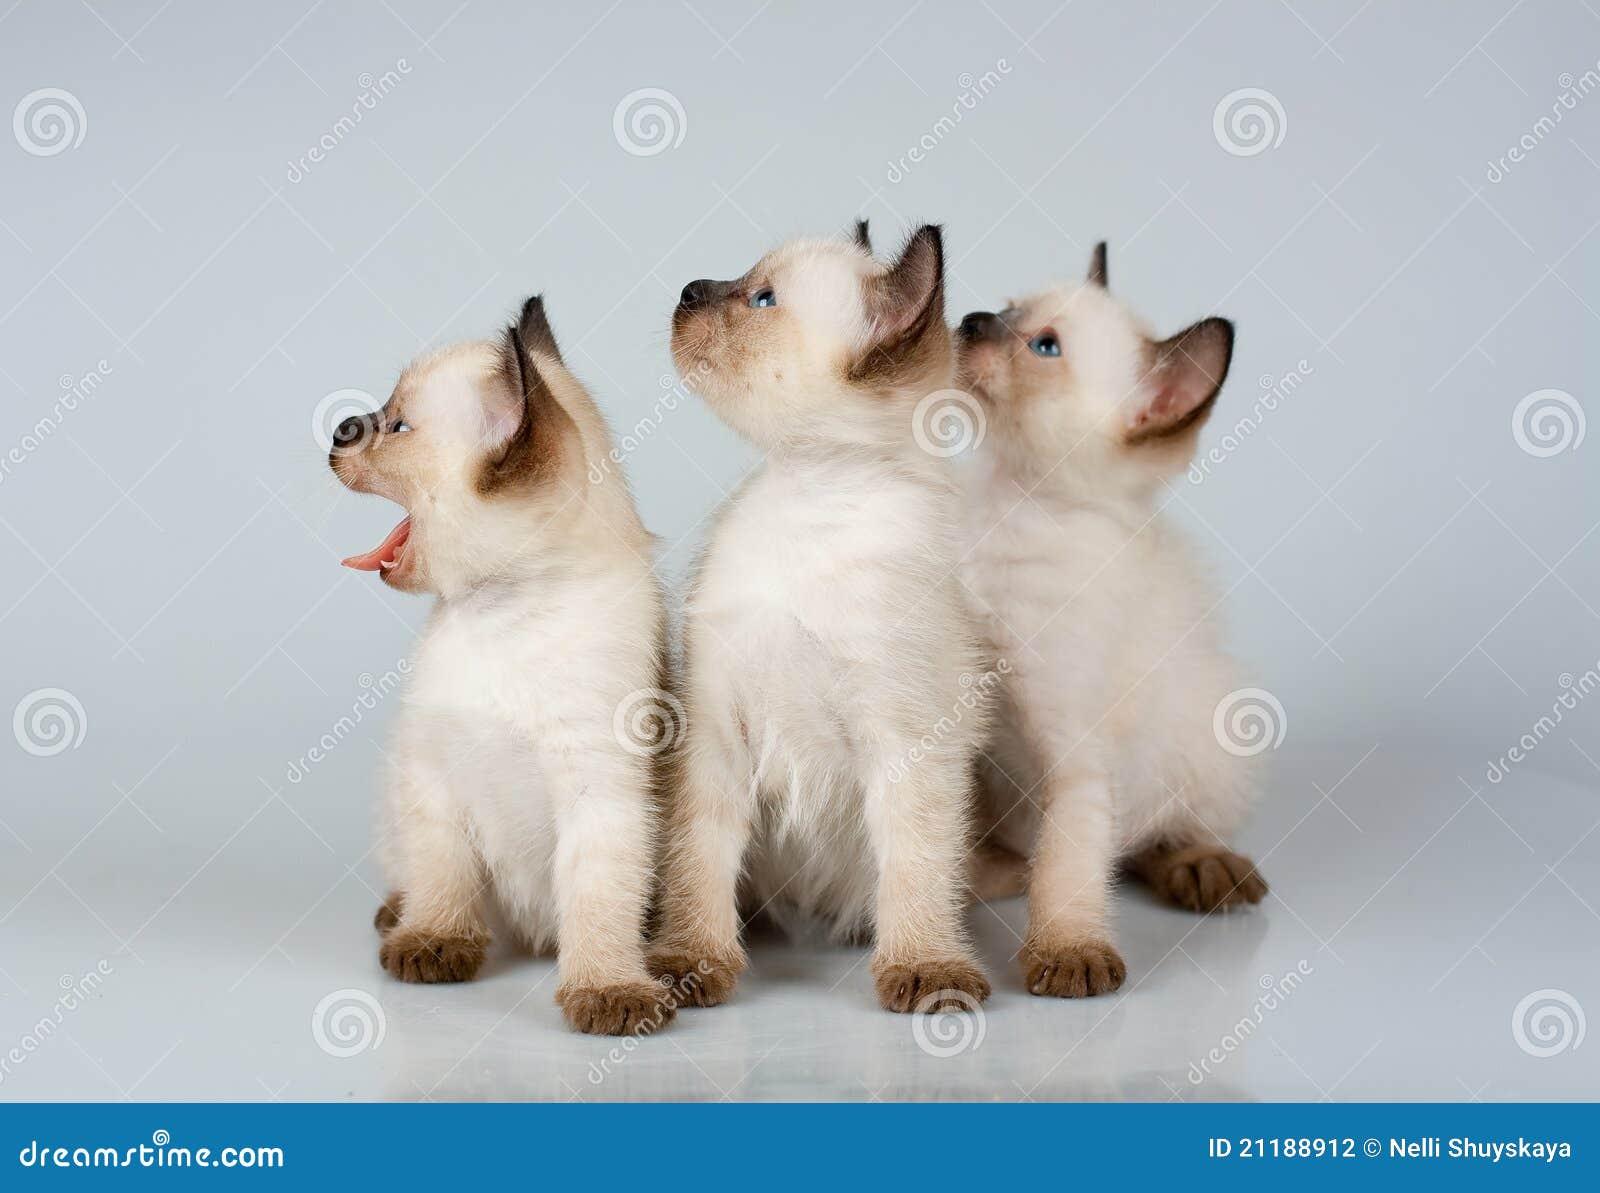 Three little kittens Siamese